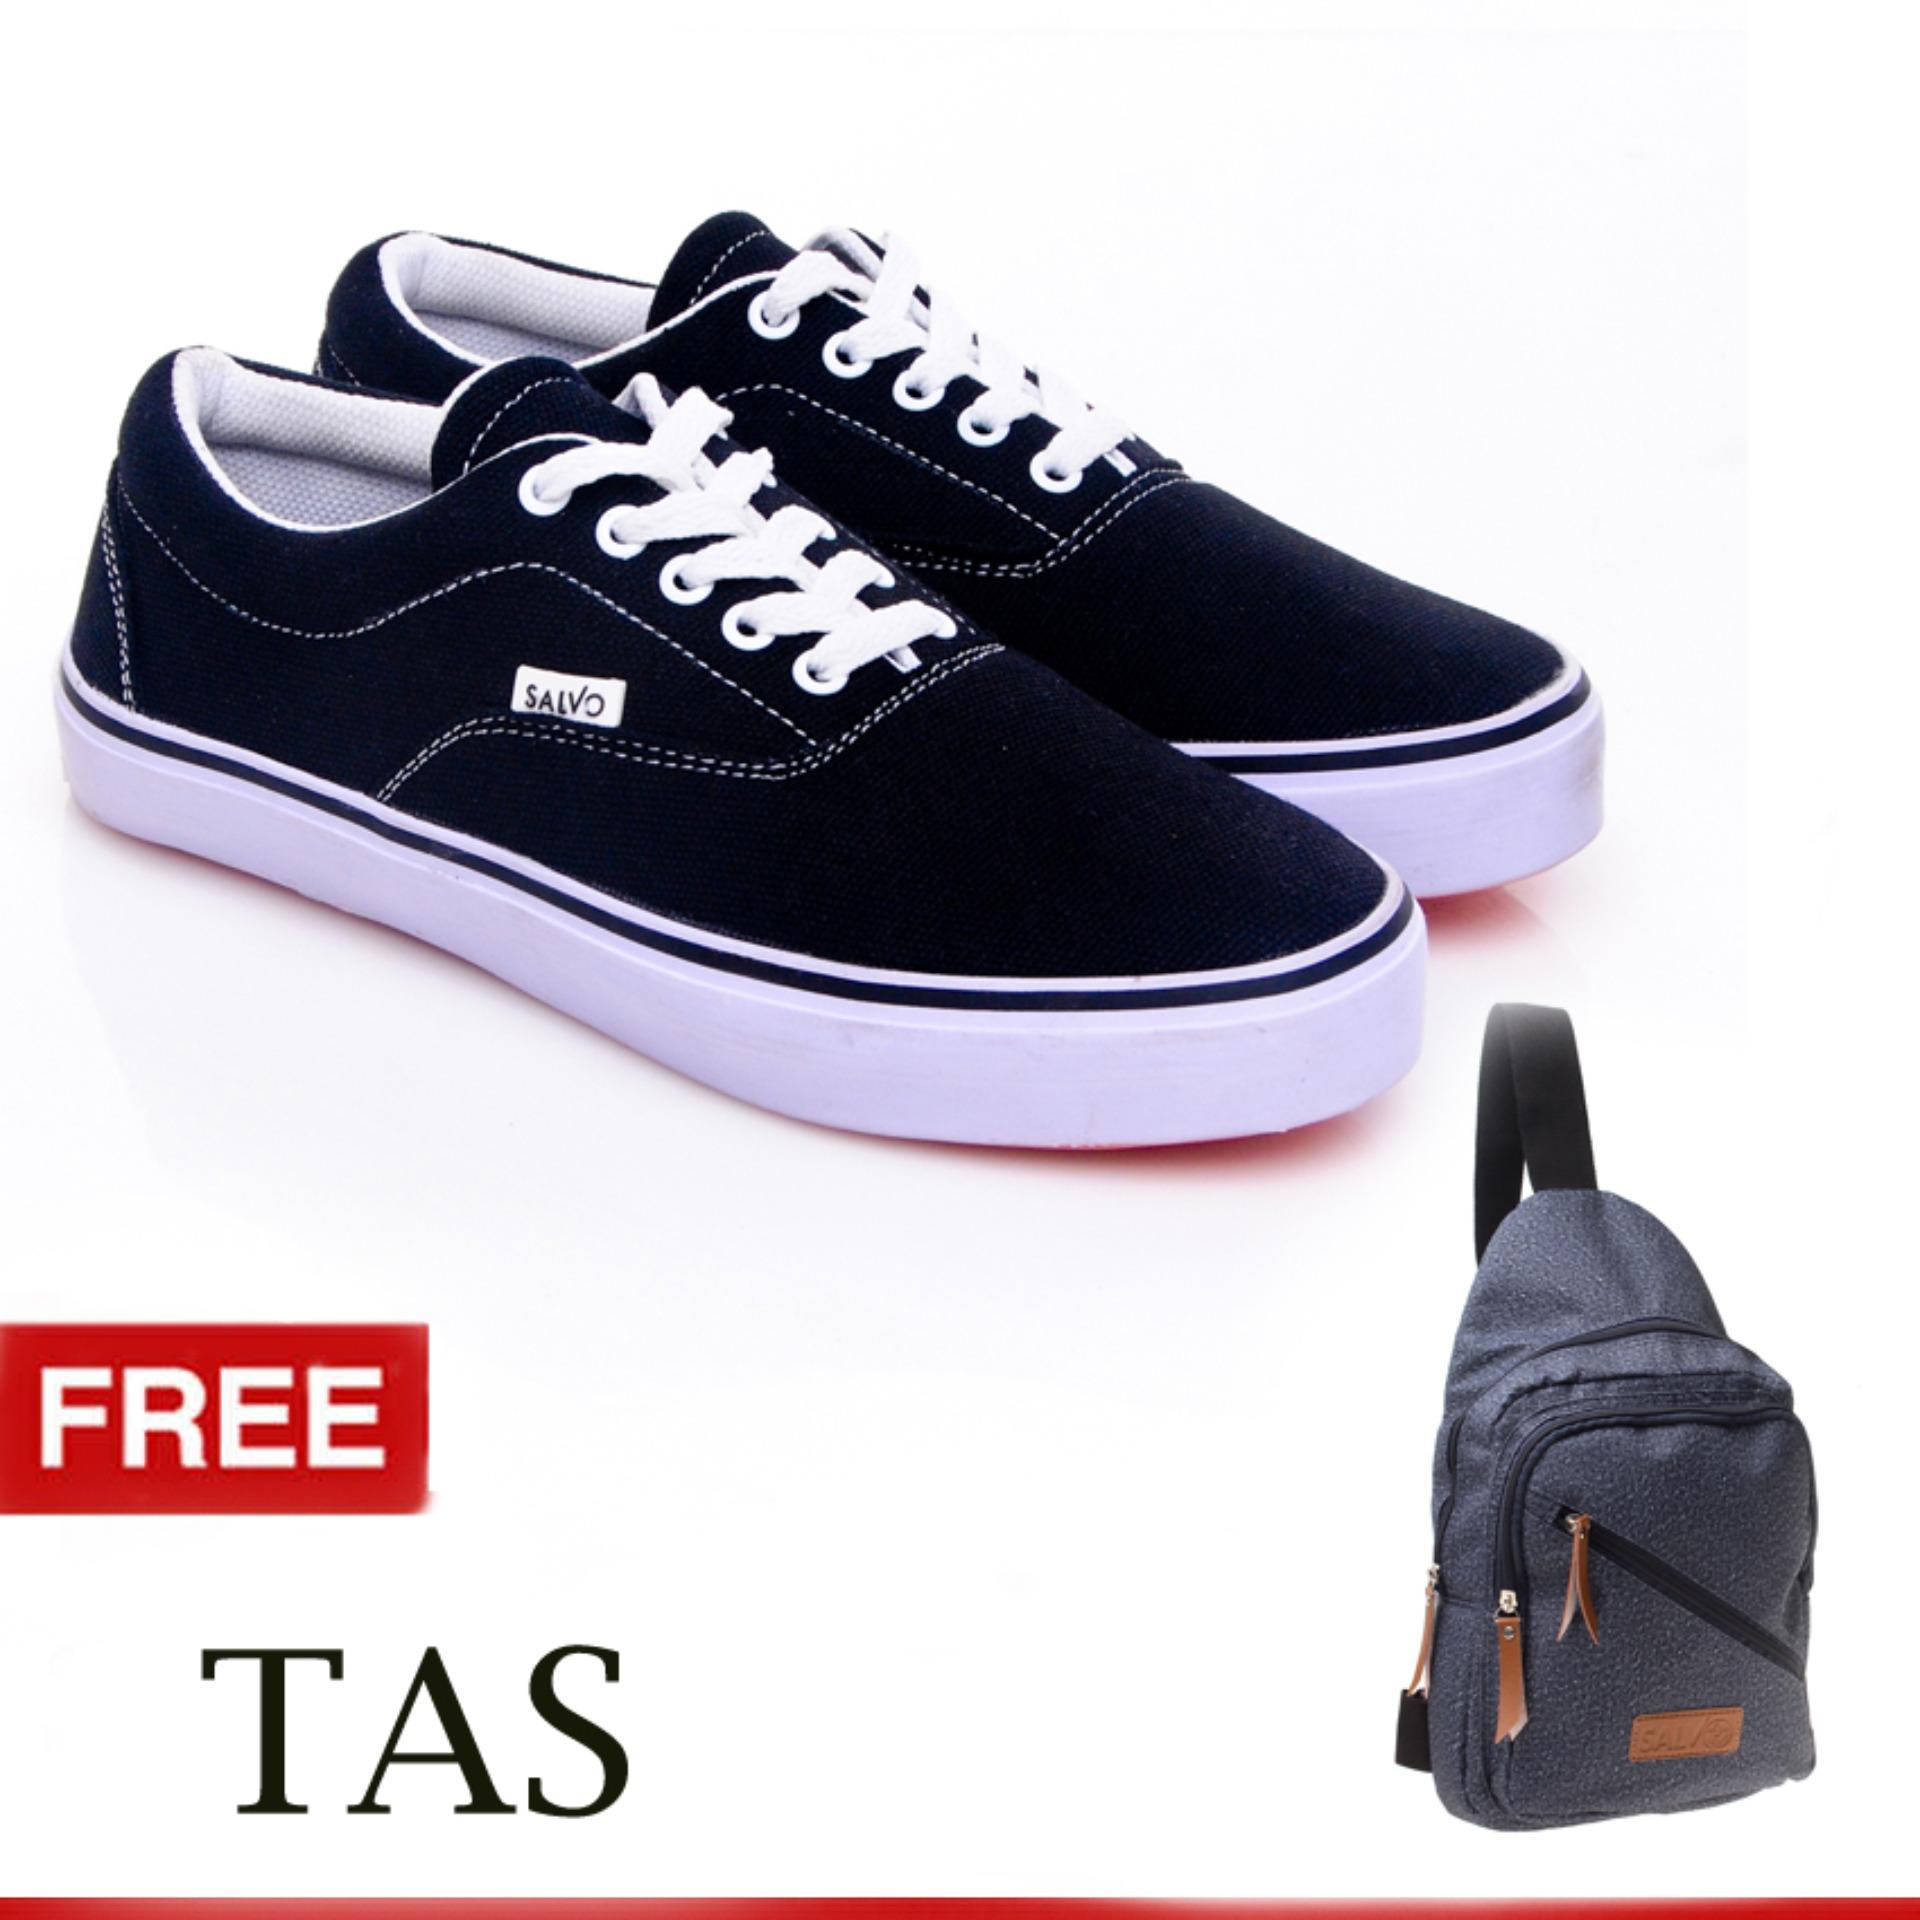 Fashionstorewide Sepatu - Membeli Fashionstorewide Sepatu Harga Terbaik di Indonesia | www.lazada.co.id